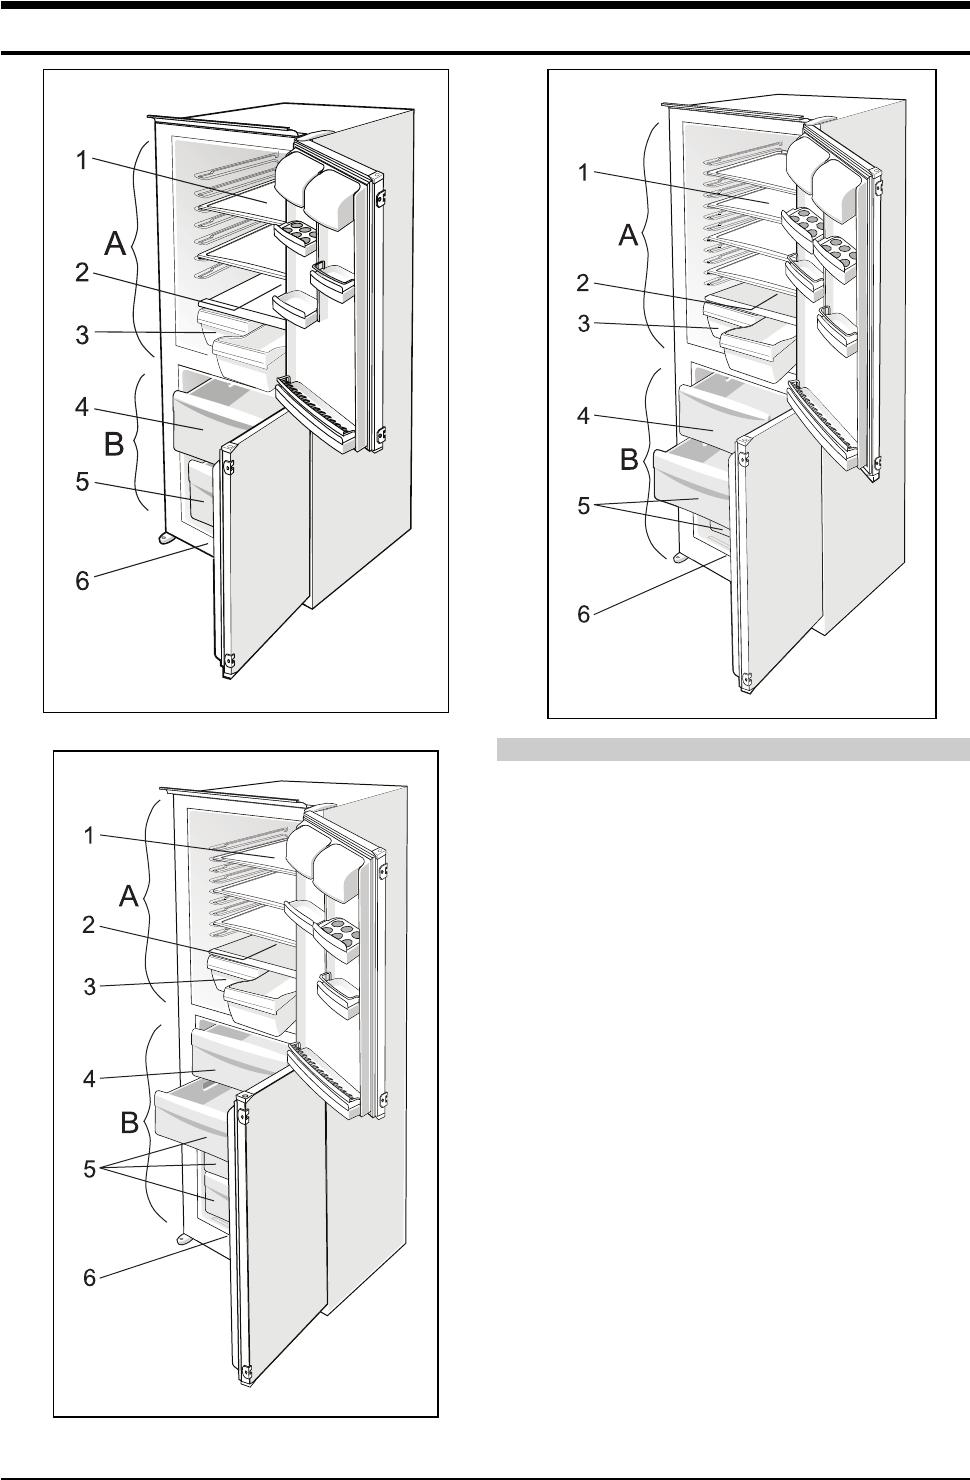 bedienungsanleitung gorenje kie 256 la seite 3 von 7 englisch. Black Bedroom Furniture Sets. Home Design Ideas